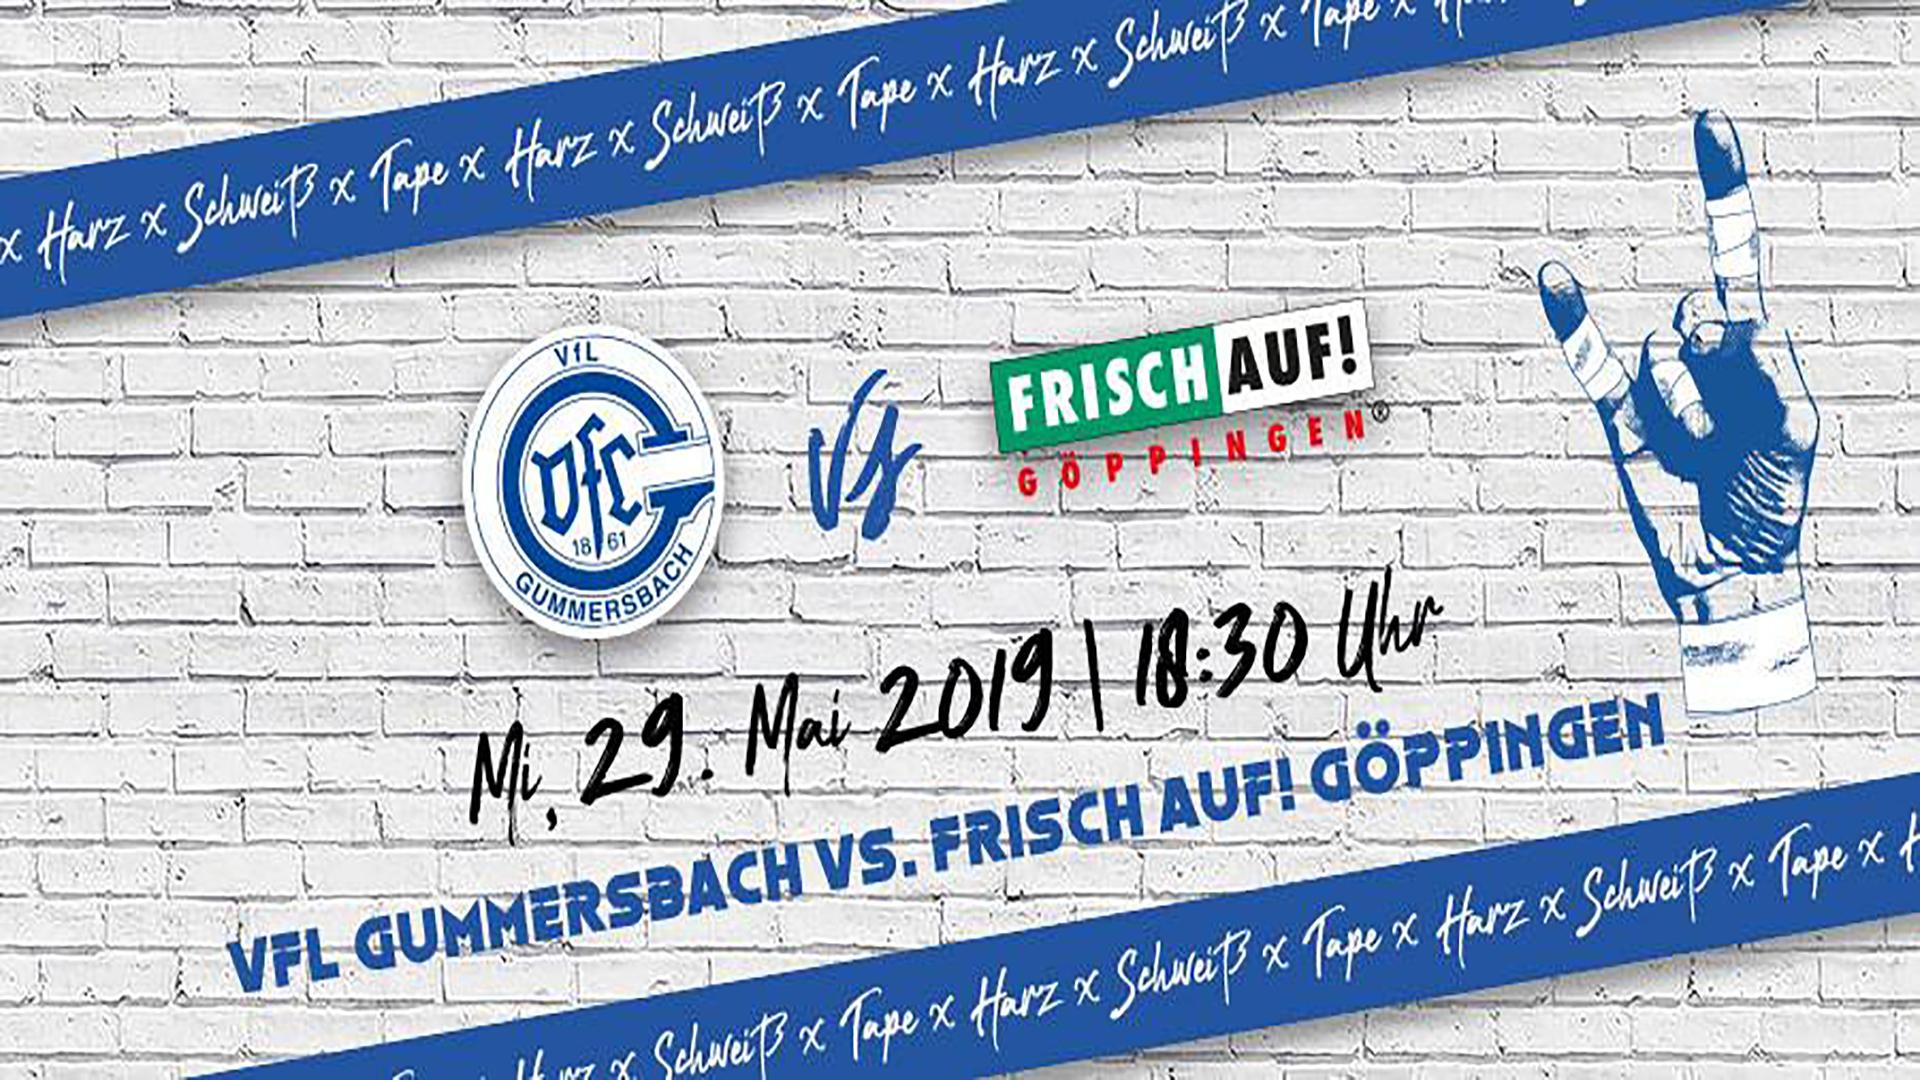 HEIMspiel | VfL Gummersbach - FrischAuf! Göppingen